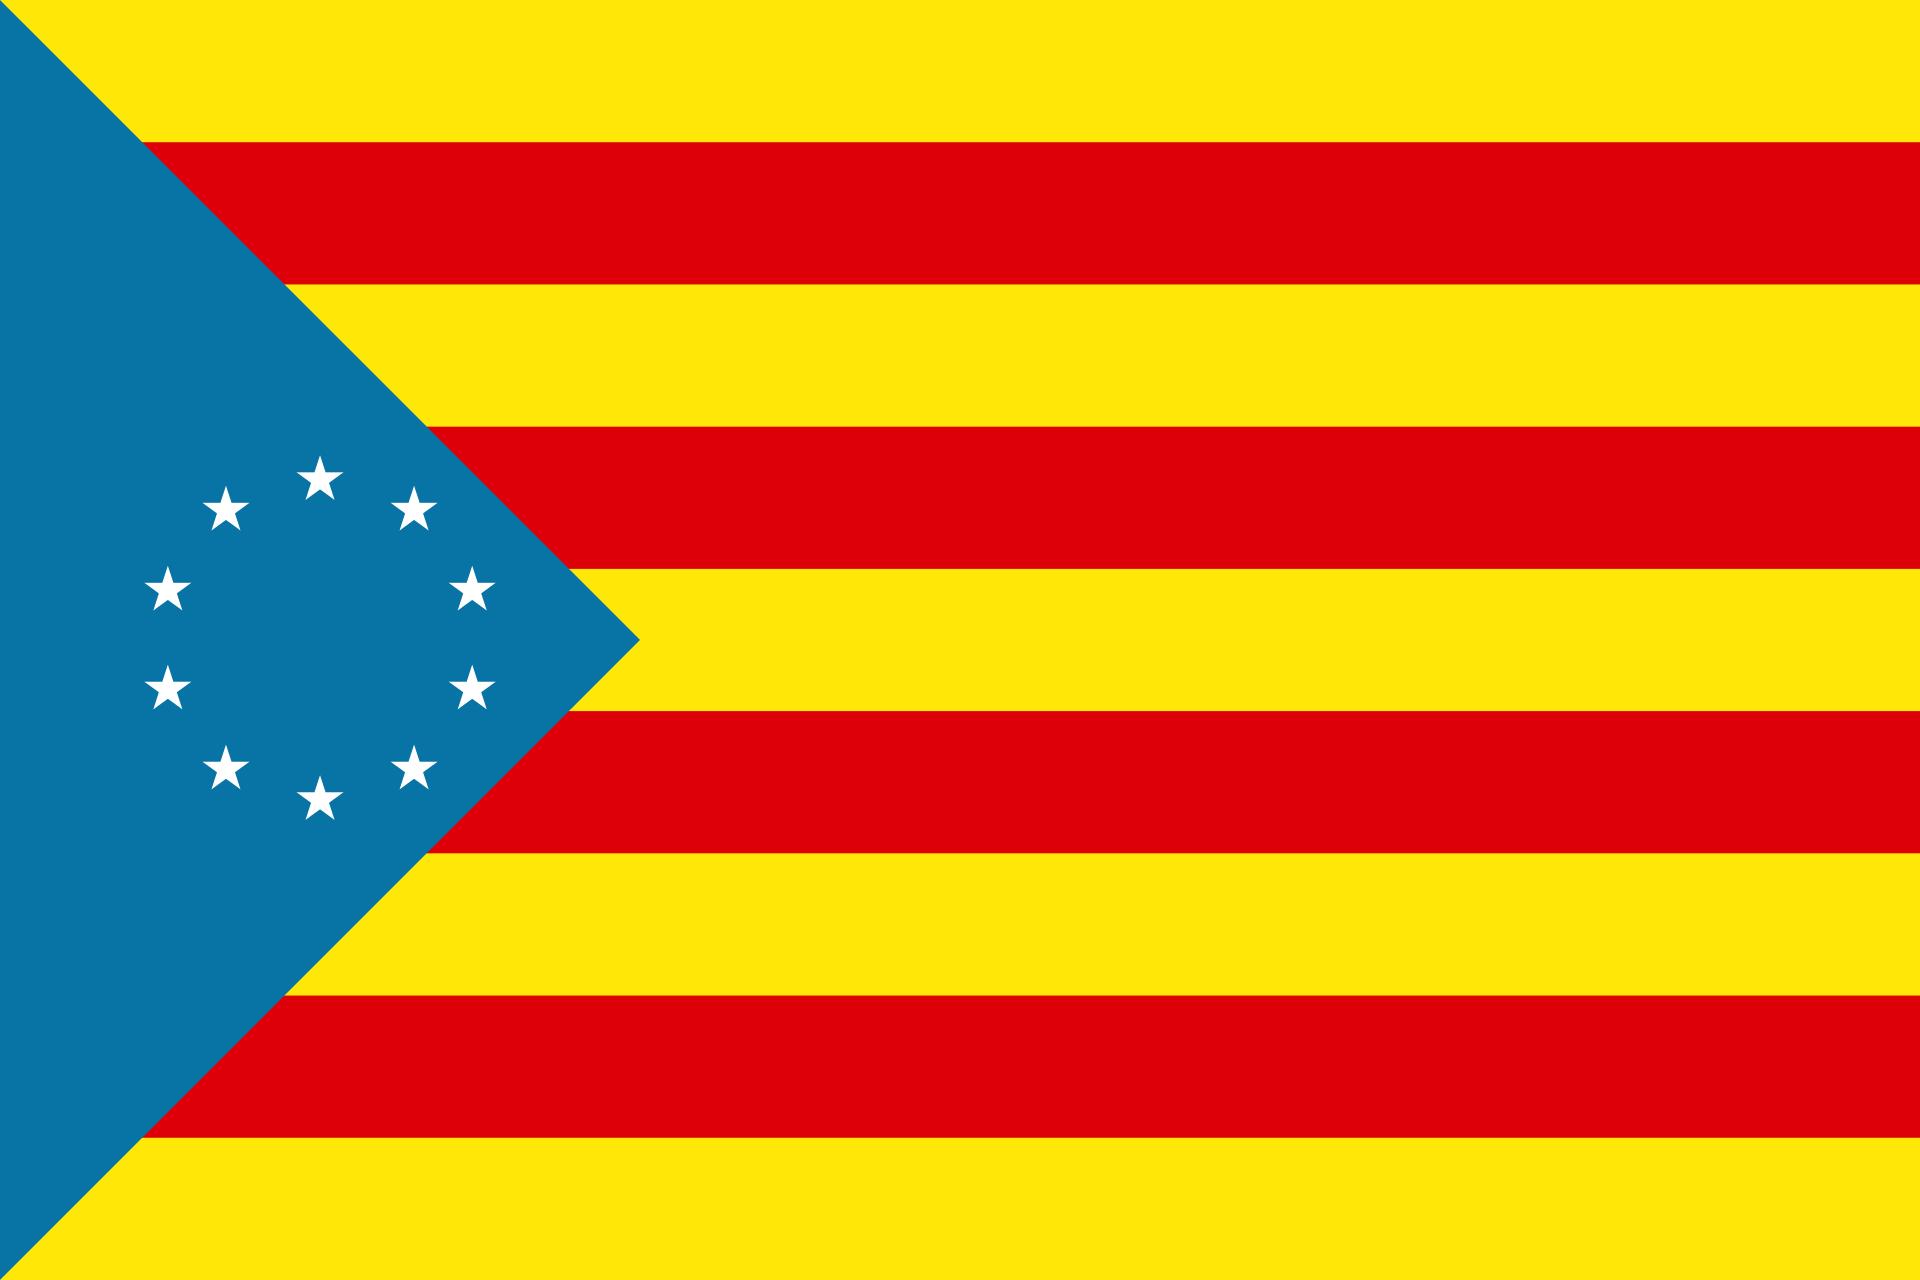 Het hoe en wat van de Catalaanse vlag met en zonder het estelada symbool